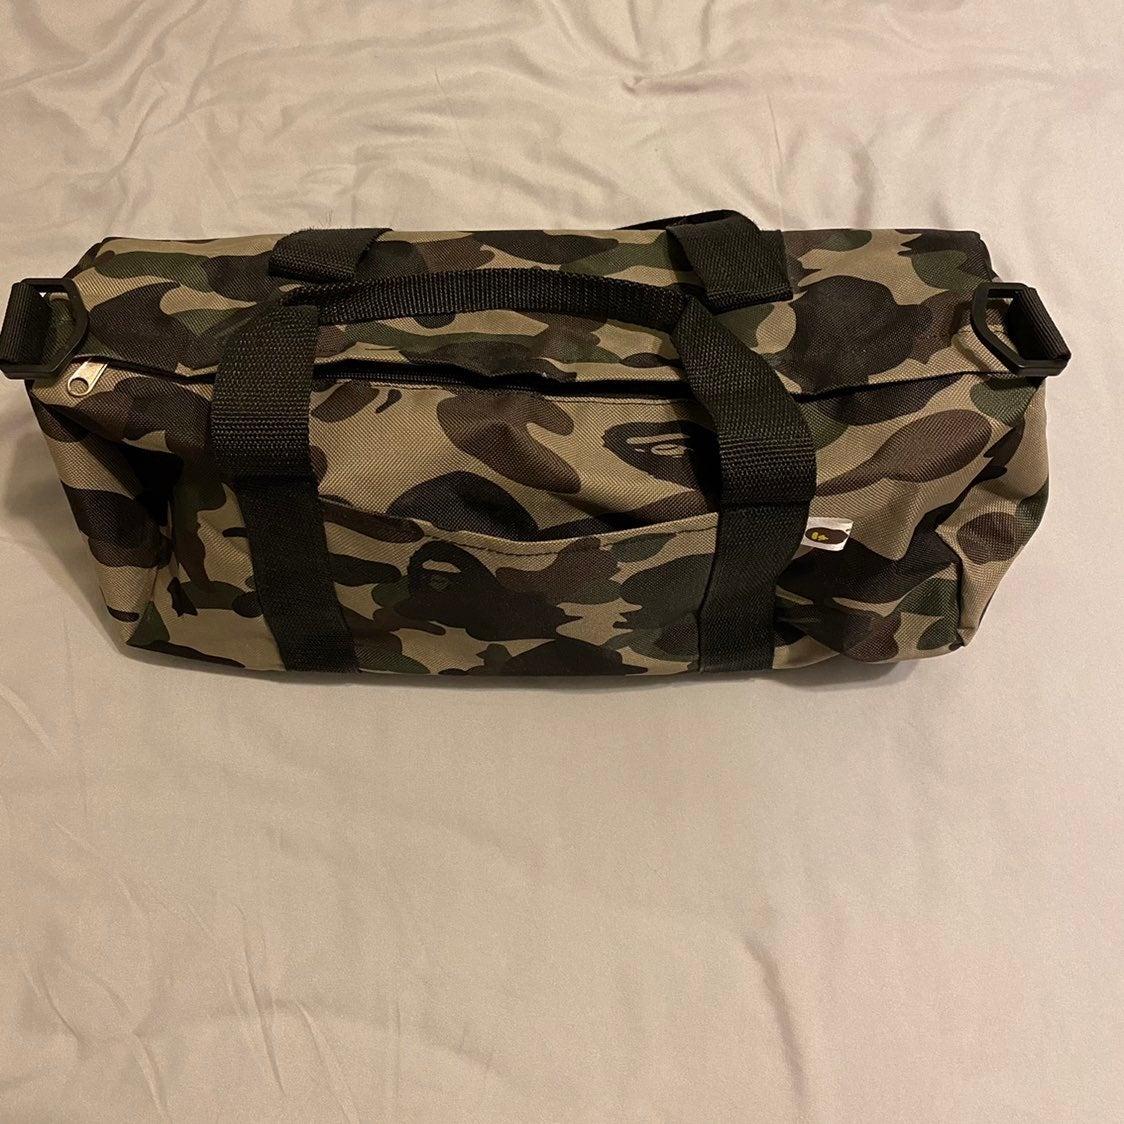 Bape GreenCamo Overnight Gym Duffle Bag